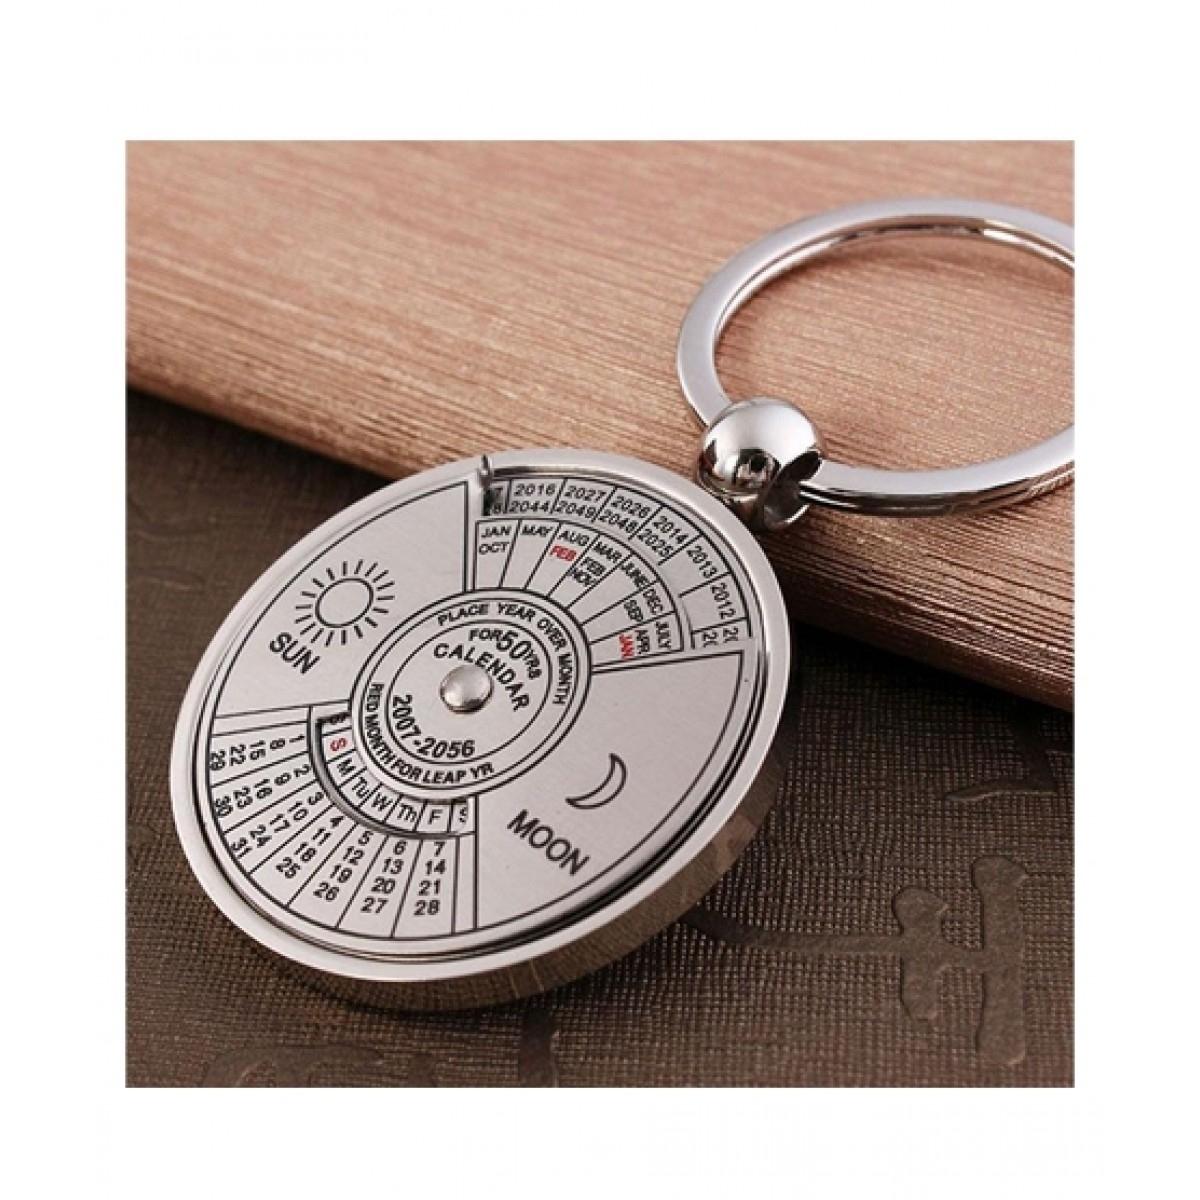 50 Year Calendar Keychain Price In Pakistan | Calendar